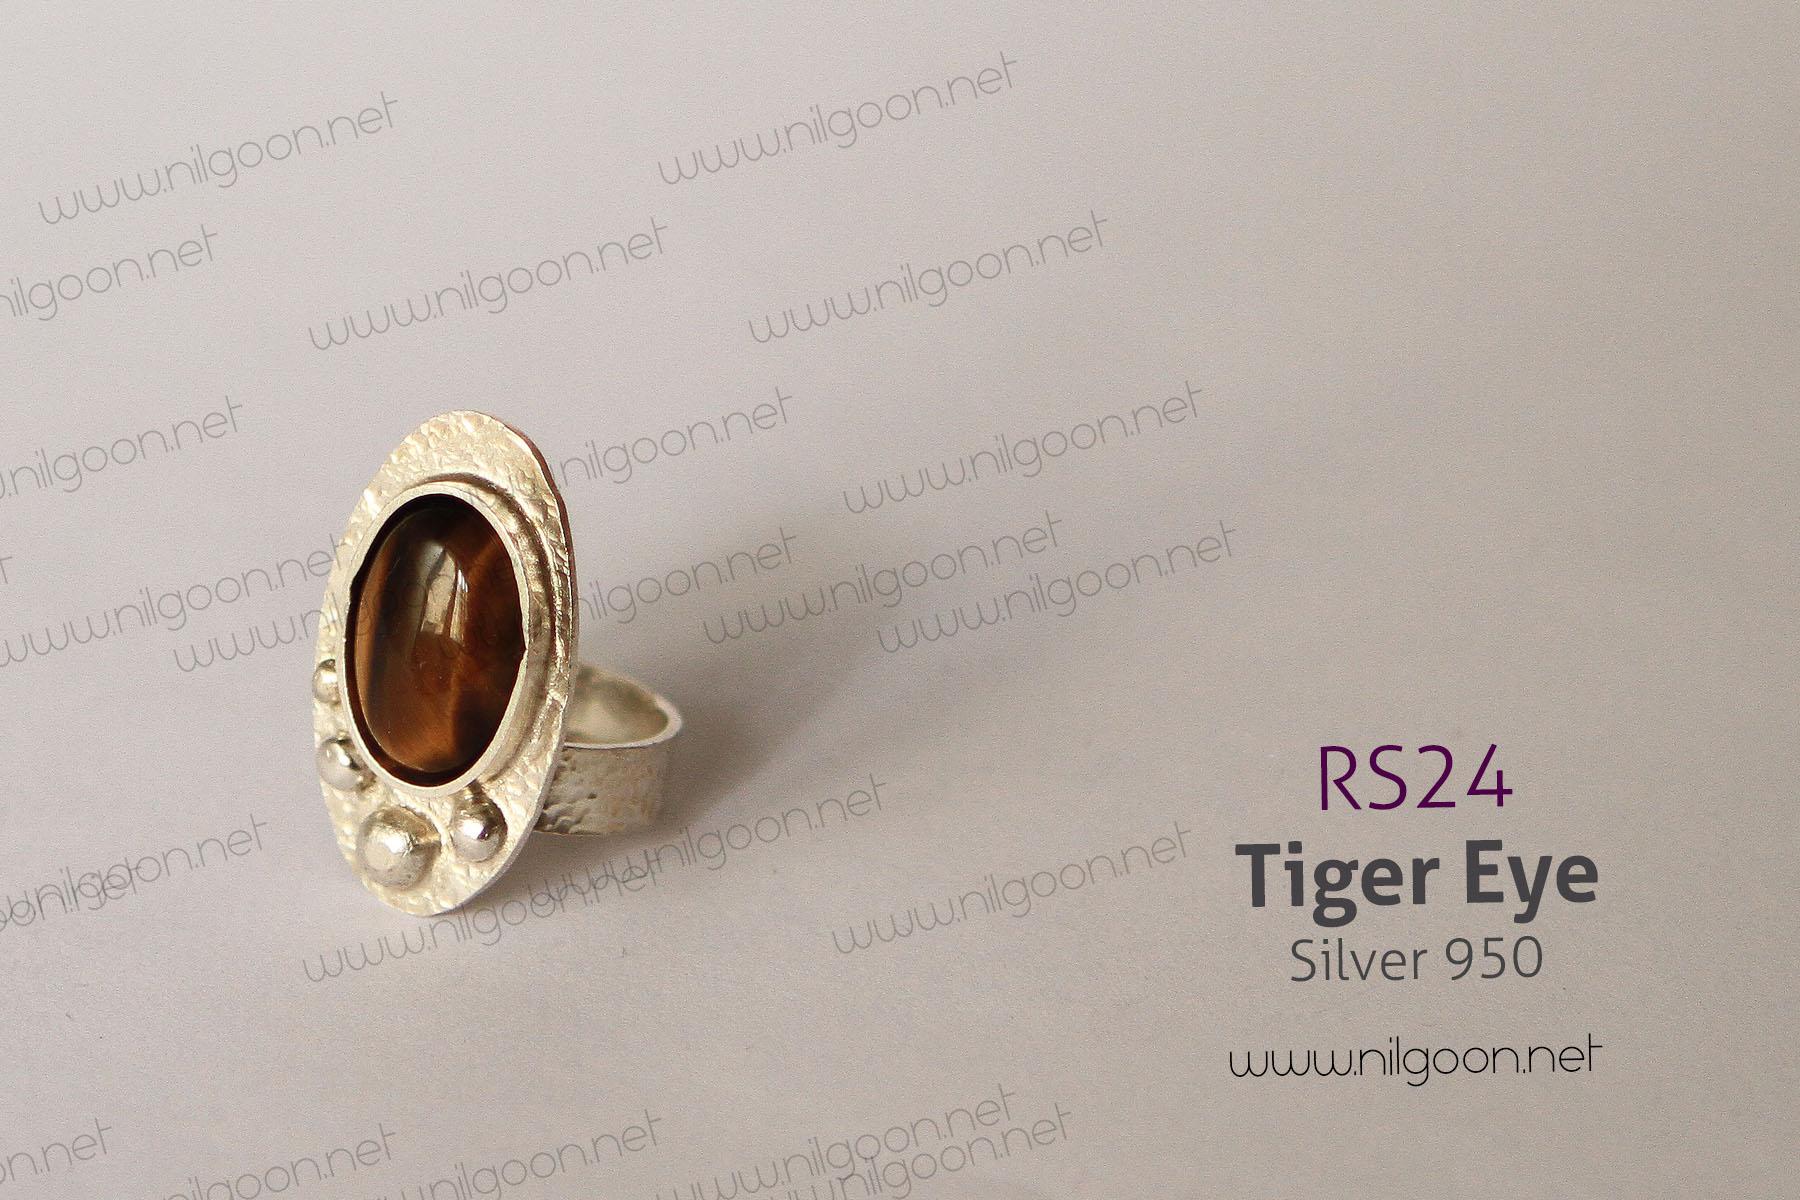 انگشتر نقره Tiger Eye